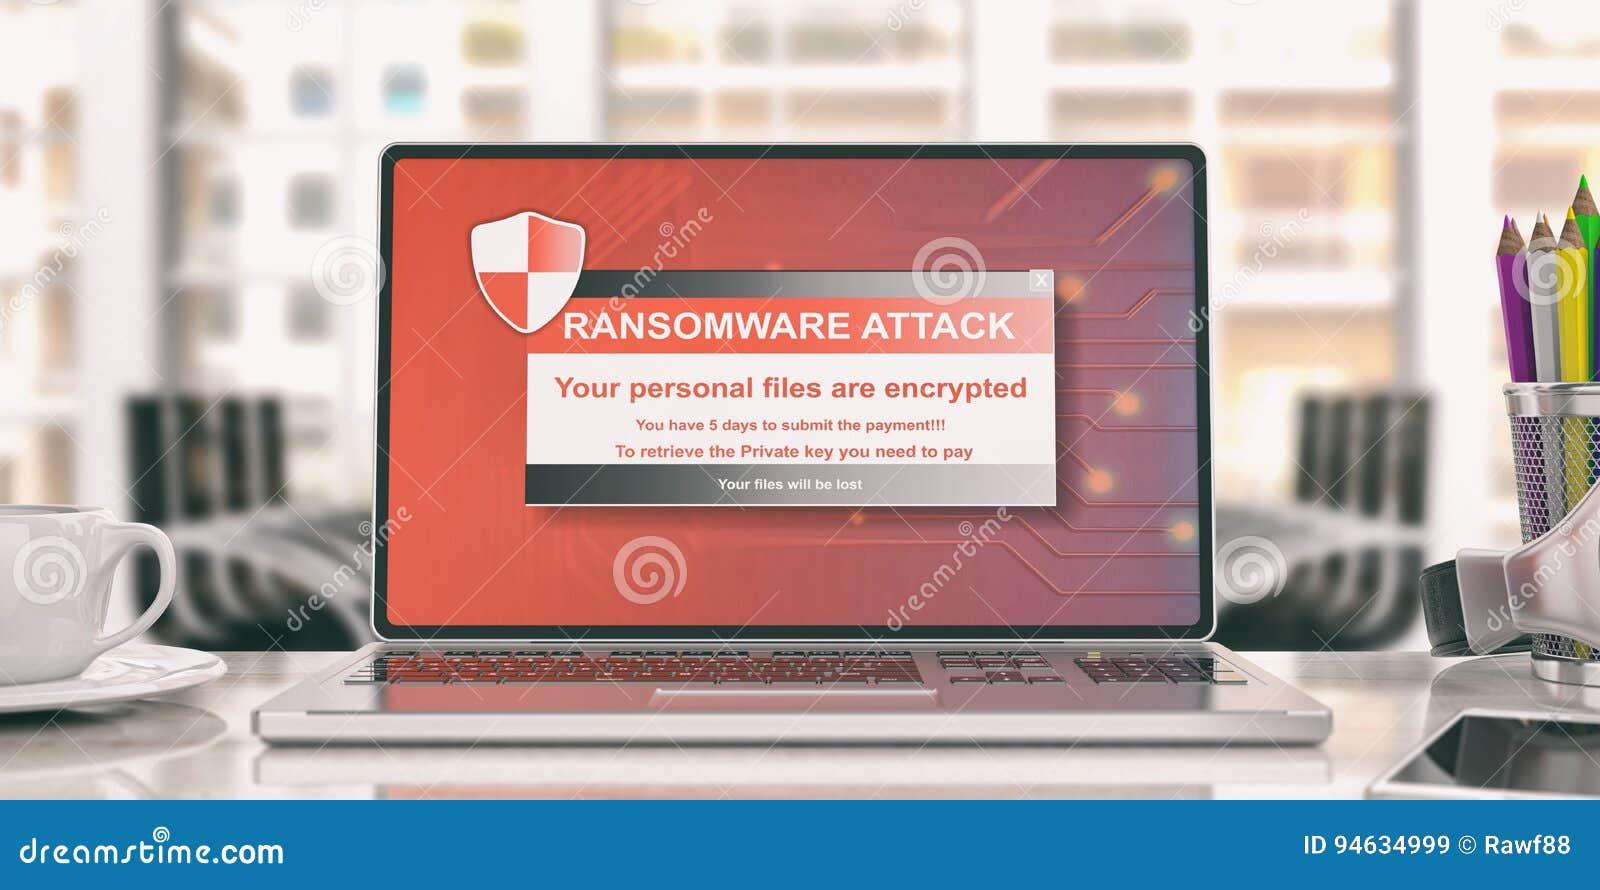 Ransomware-Alarm auf einem Laptopschirm Abbildung 3D